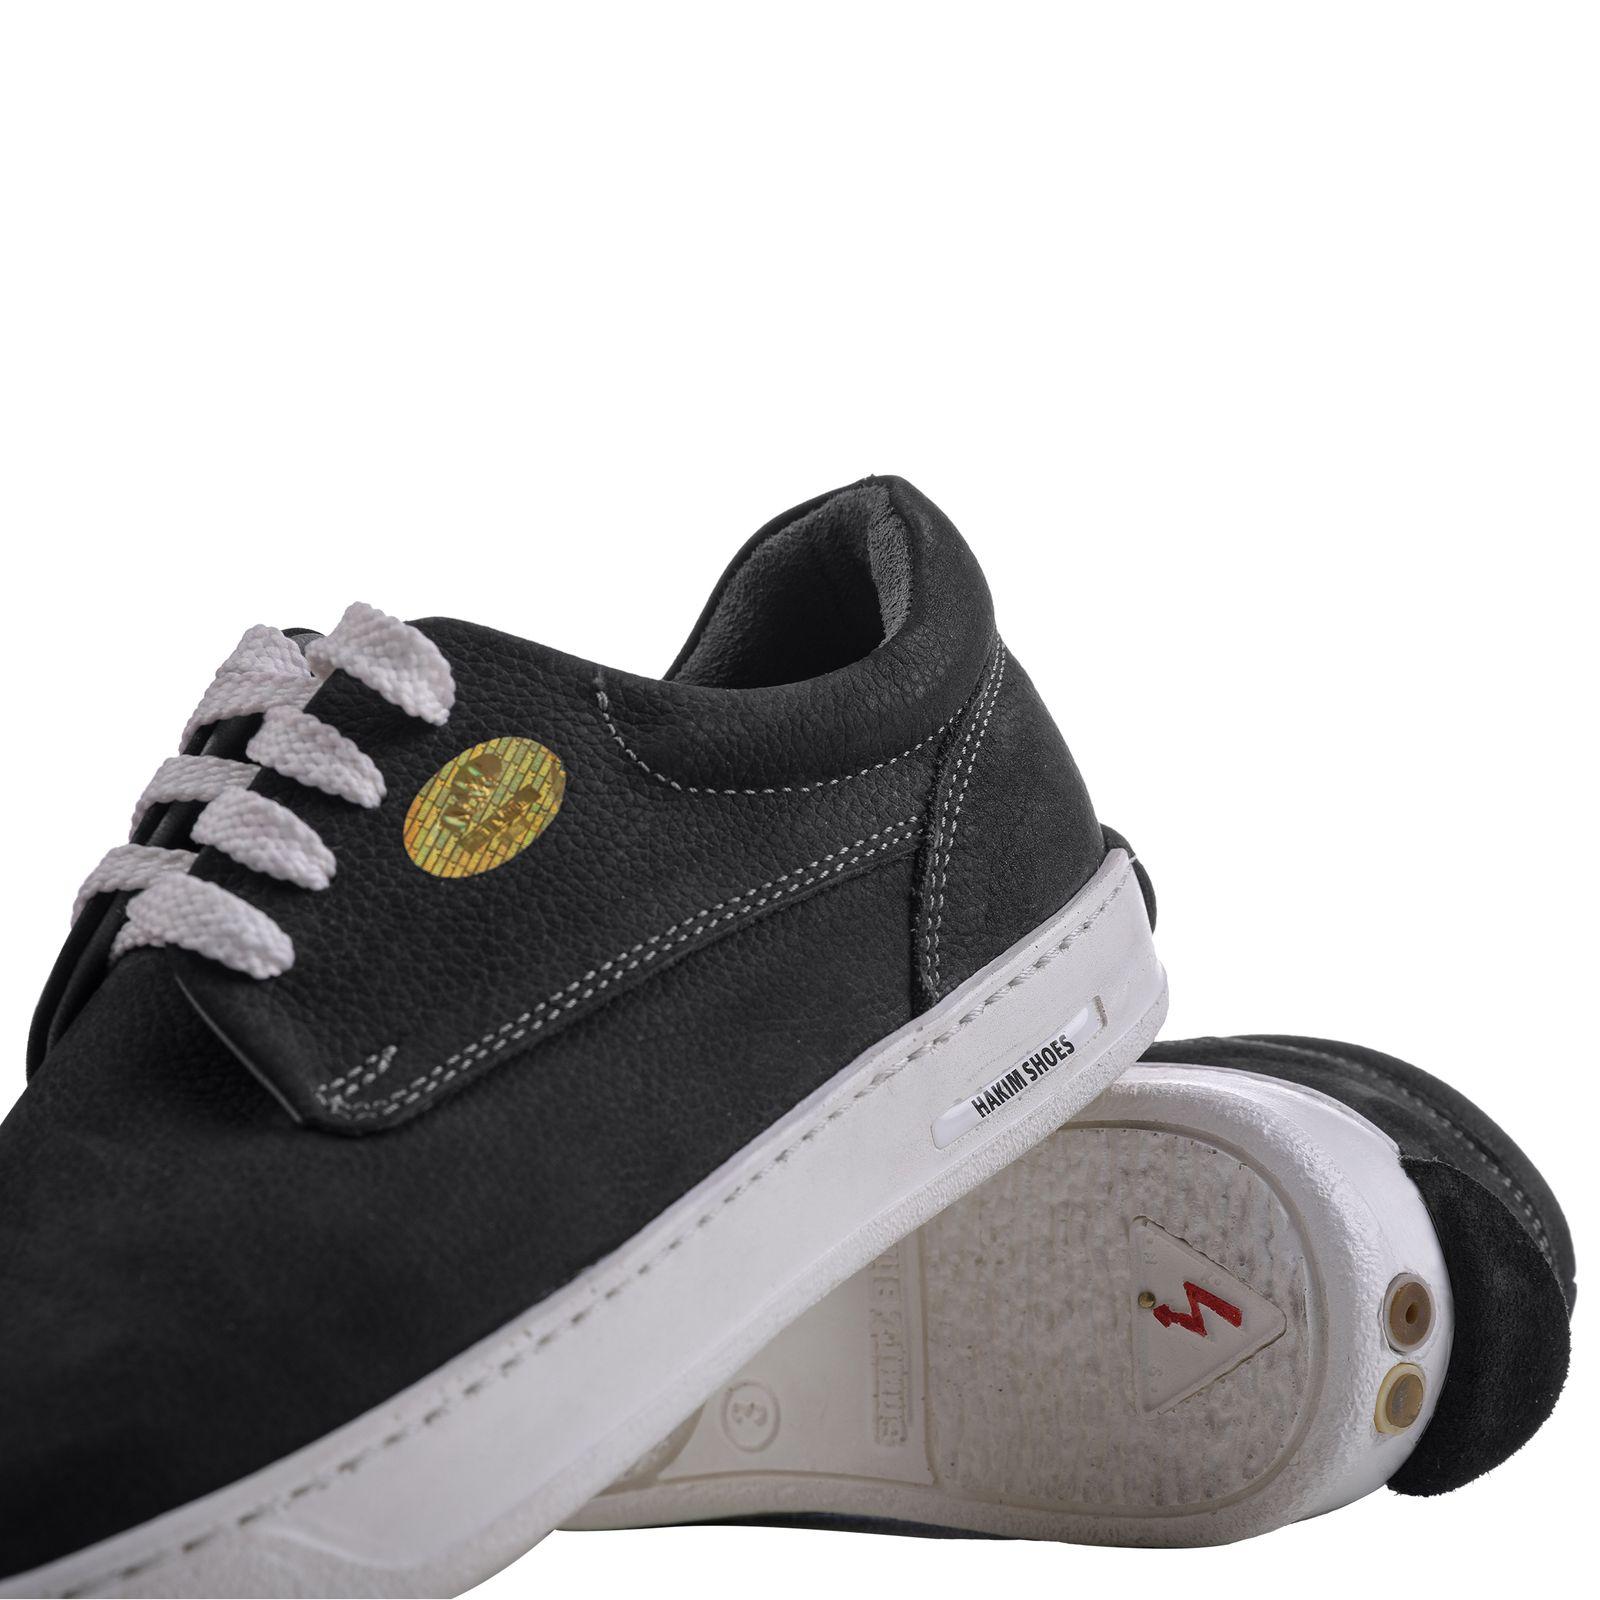 کفش روزمره هوشمند مردانه حکیم مدل T5 رنگ مشکی -  - 2